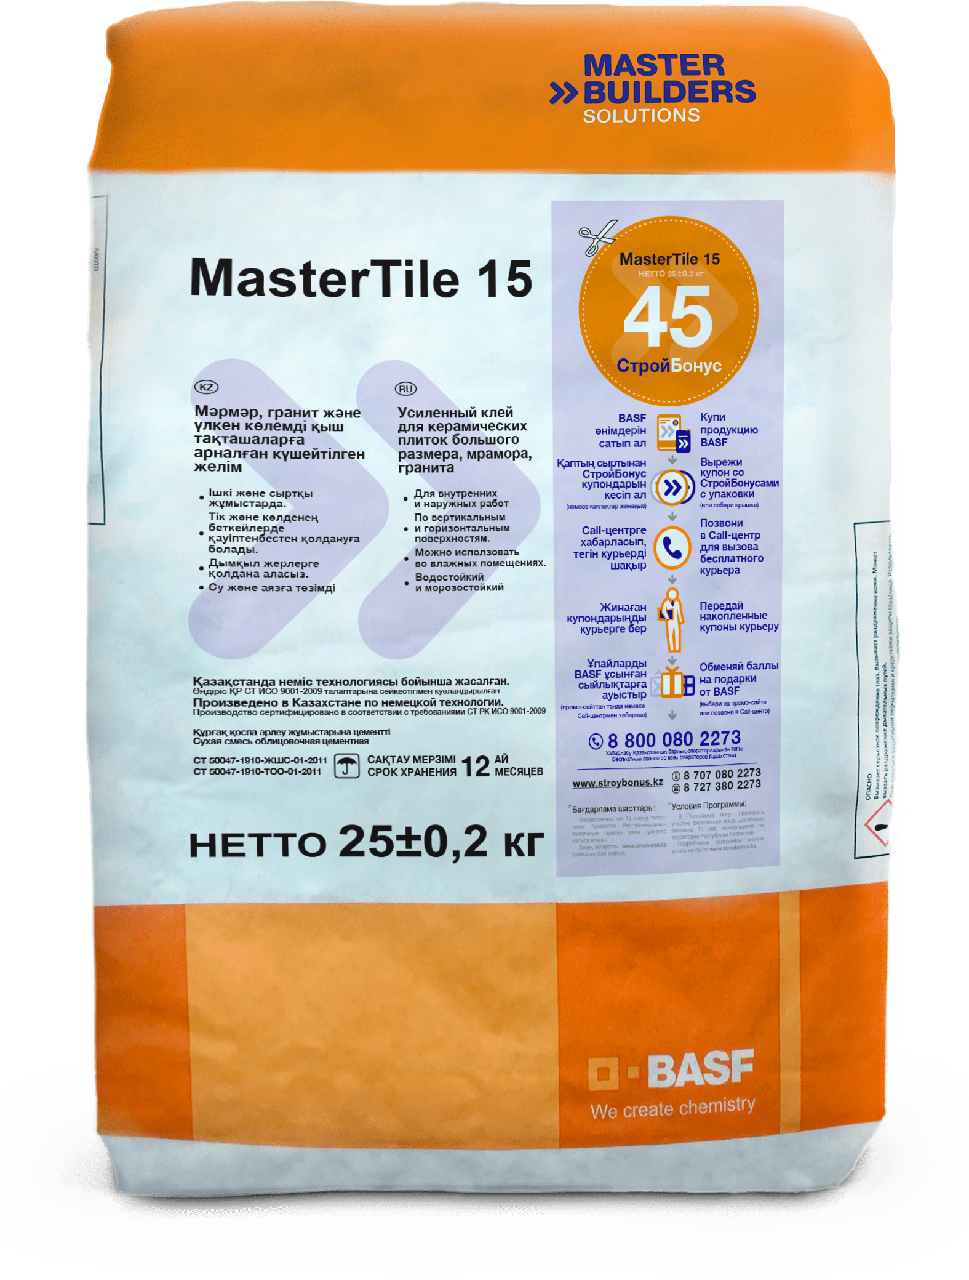 MasterTile 15 (Usta 140) 25кг. универсальный клей для керамической плитки большого размера, мрамора и гранита.